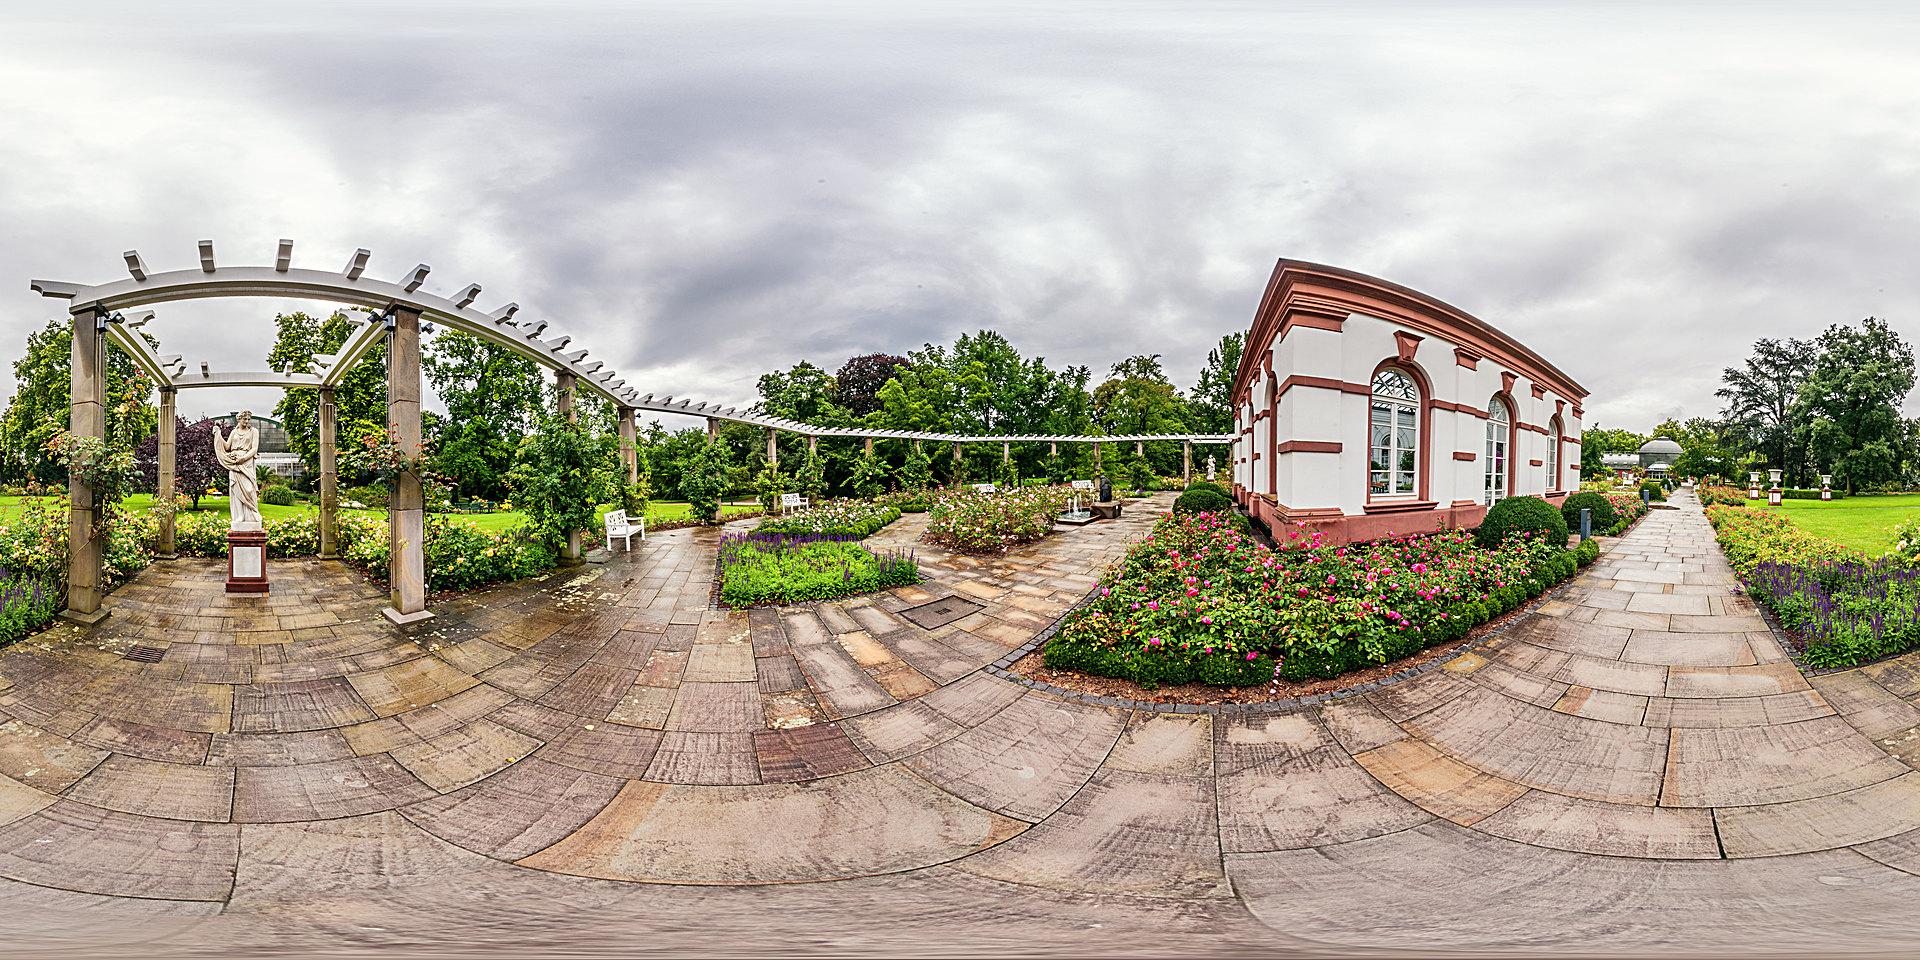 Palmengarten Frankfurt – Haus Rosenbrunn im Rosengarten